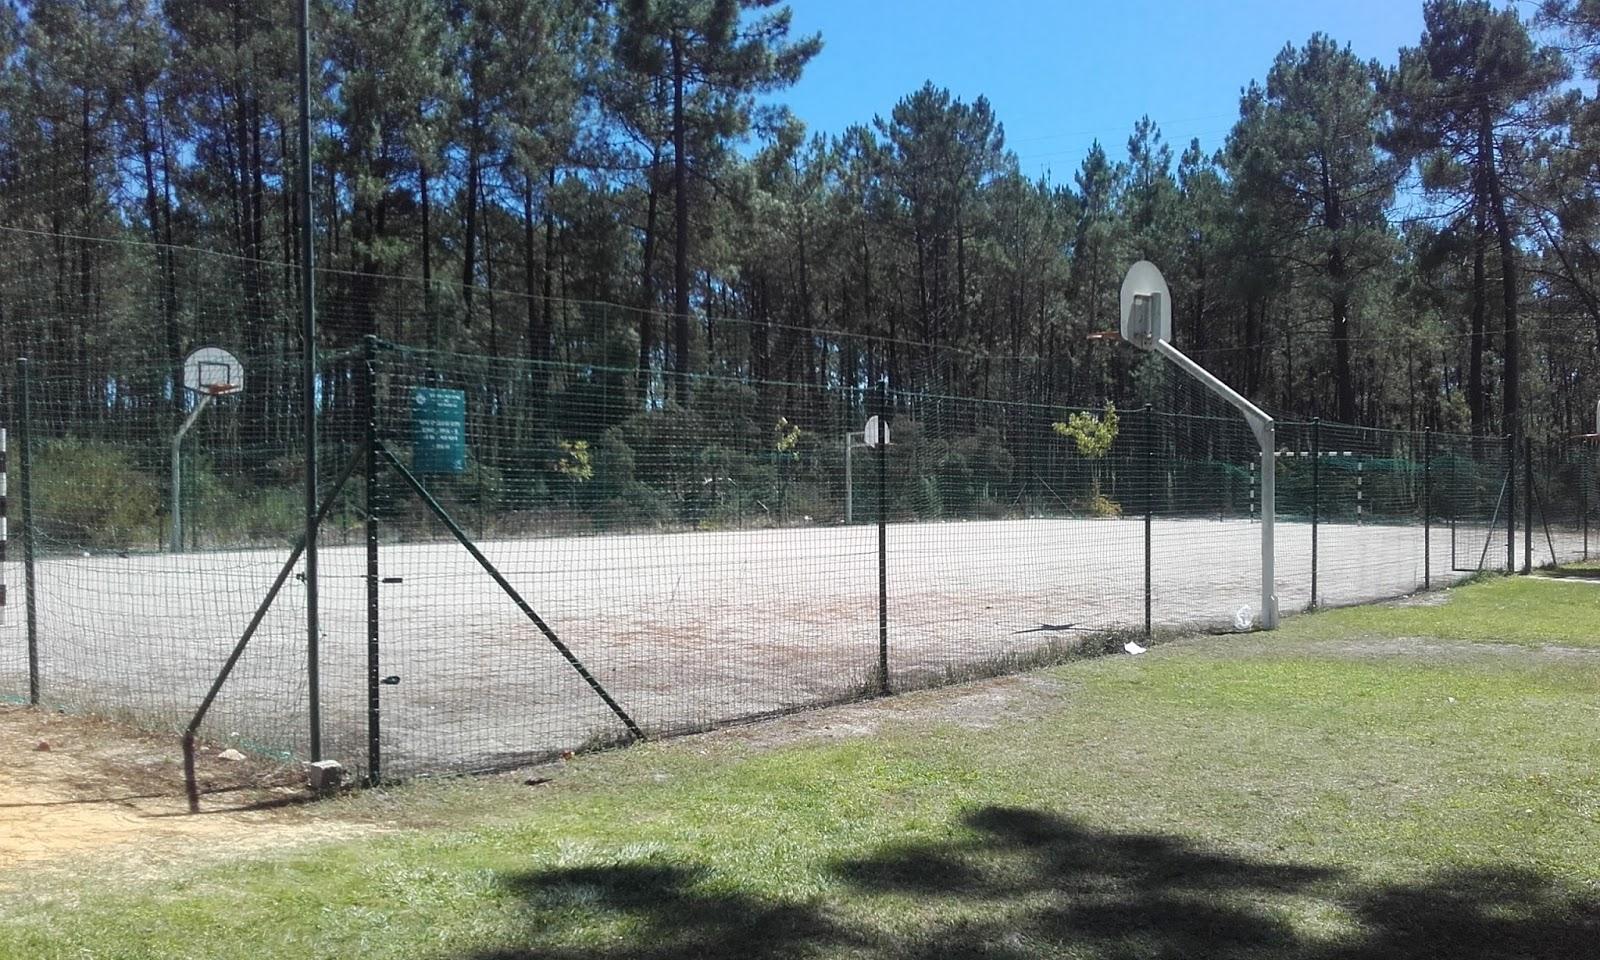 Campo de Futebol e Basquetebol dos Olhos da Fervença